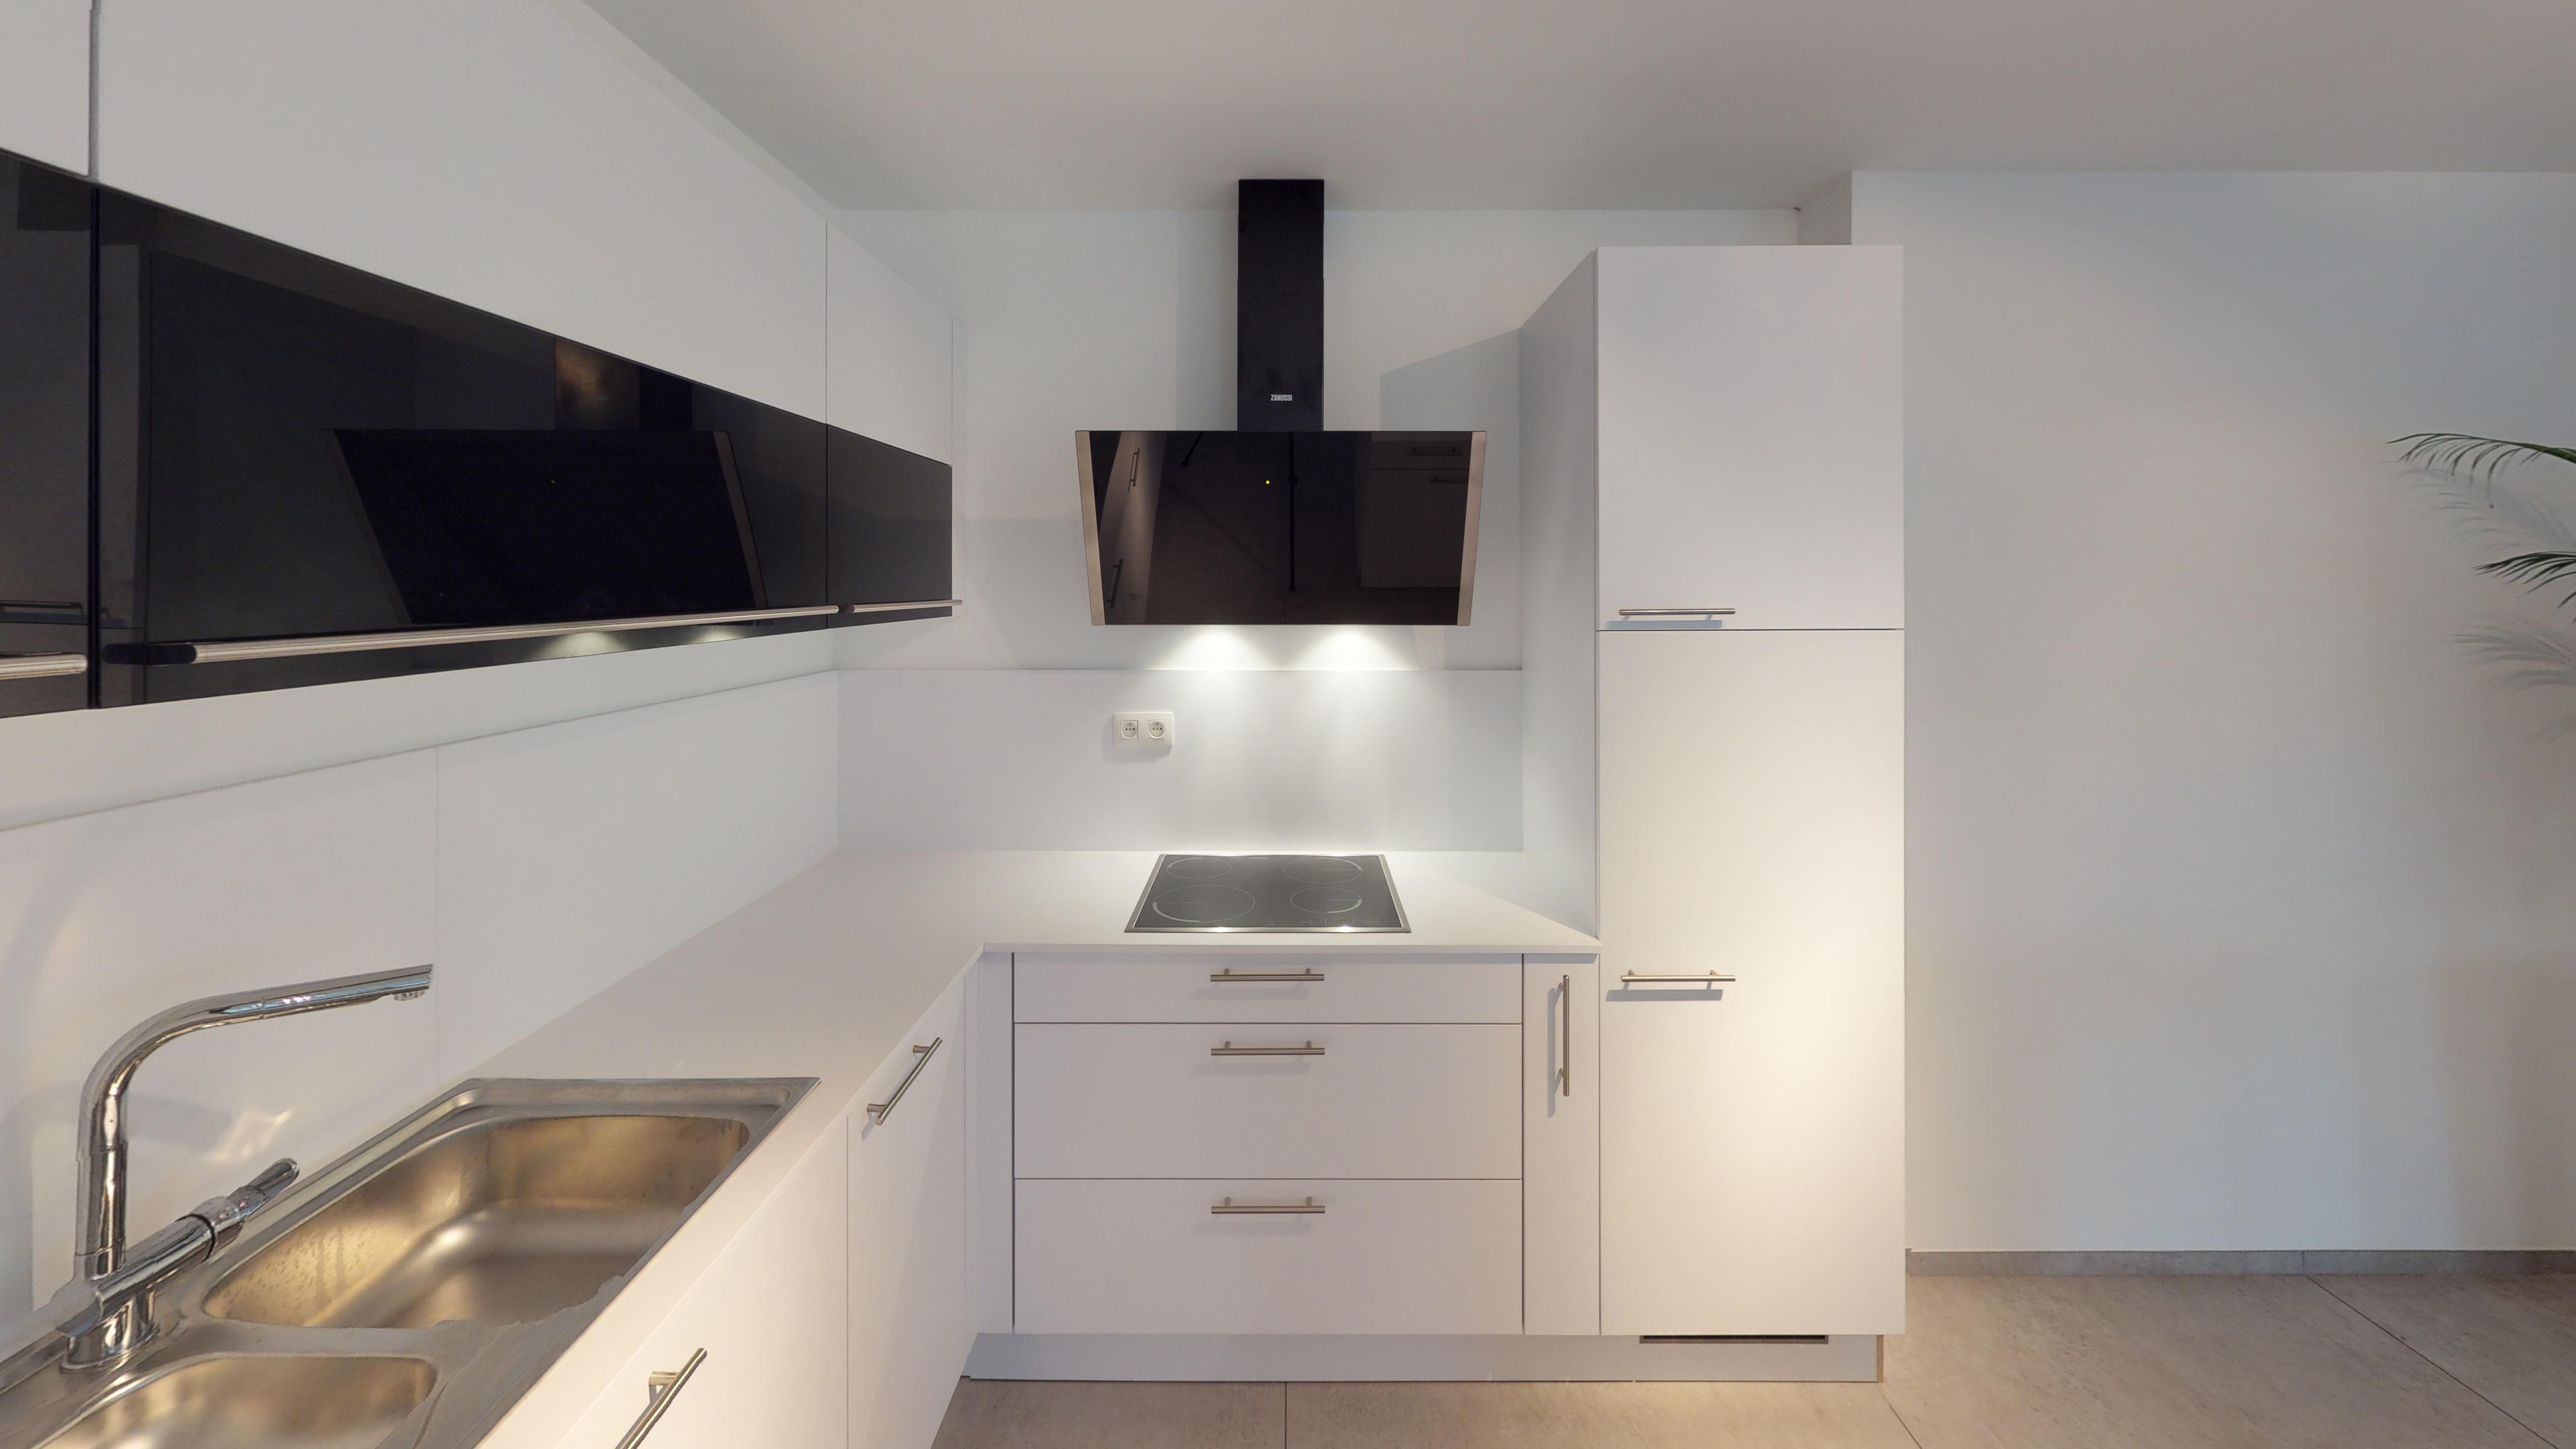 Appartement-temoin-Rue-Chantraine-4420-St-Nicolas-Kitchen